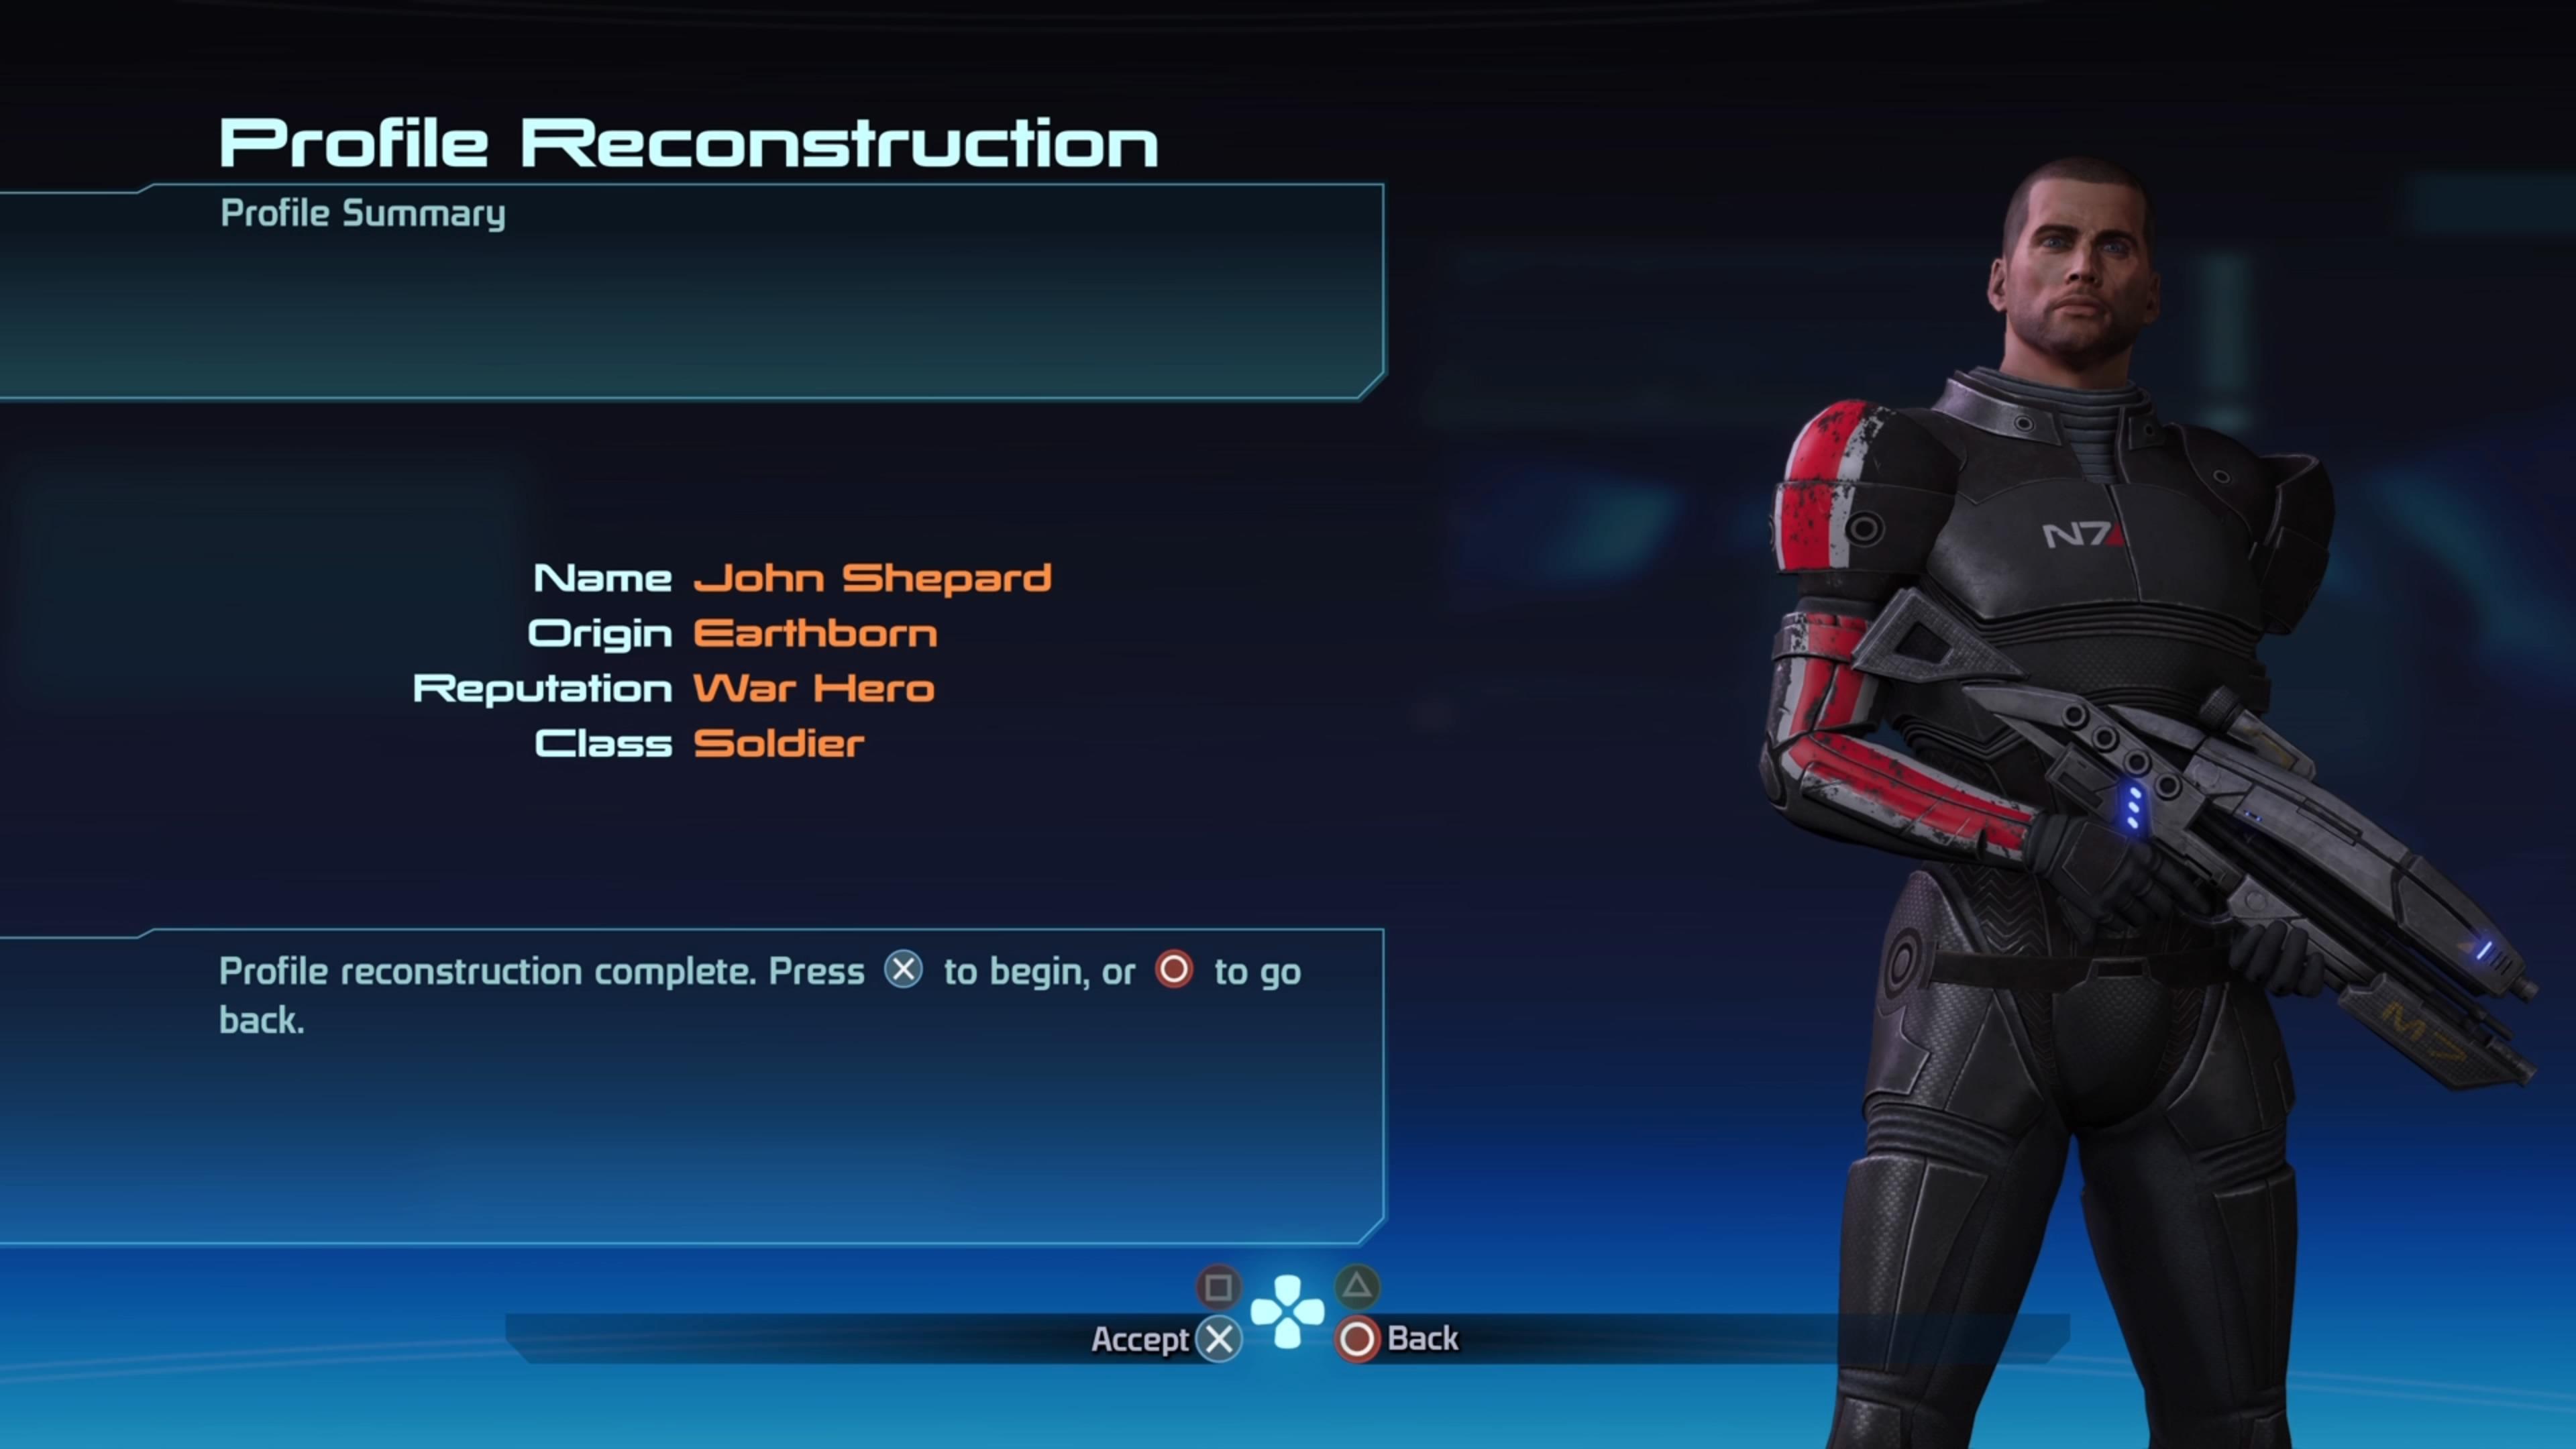 Preniesť si svojho Sheparda naprieč jednotlivými dielmi je teraz omnoho jednoduchšie.